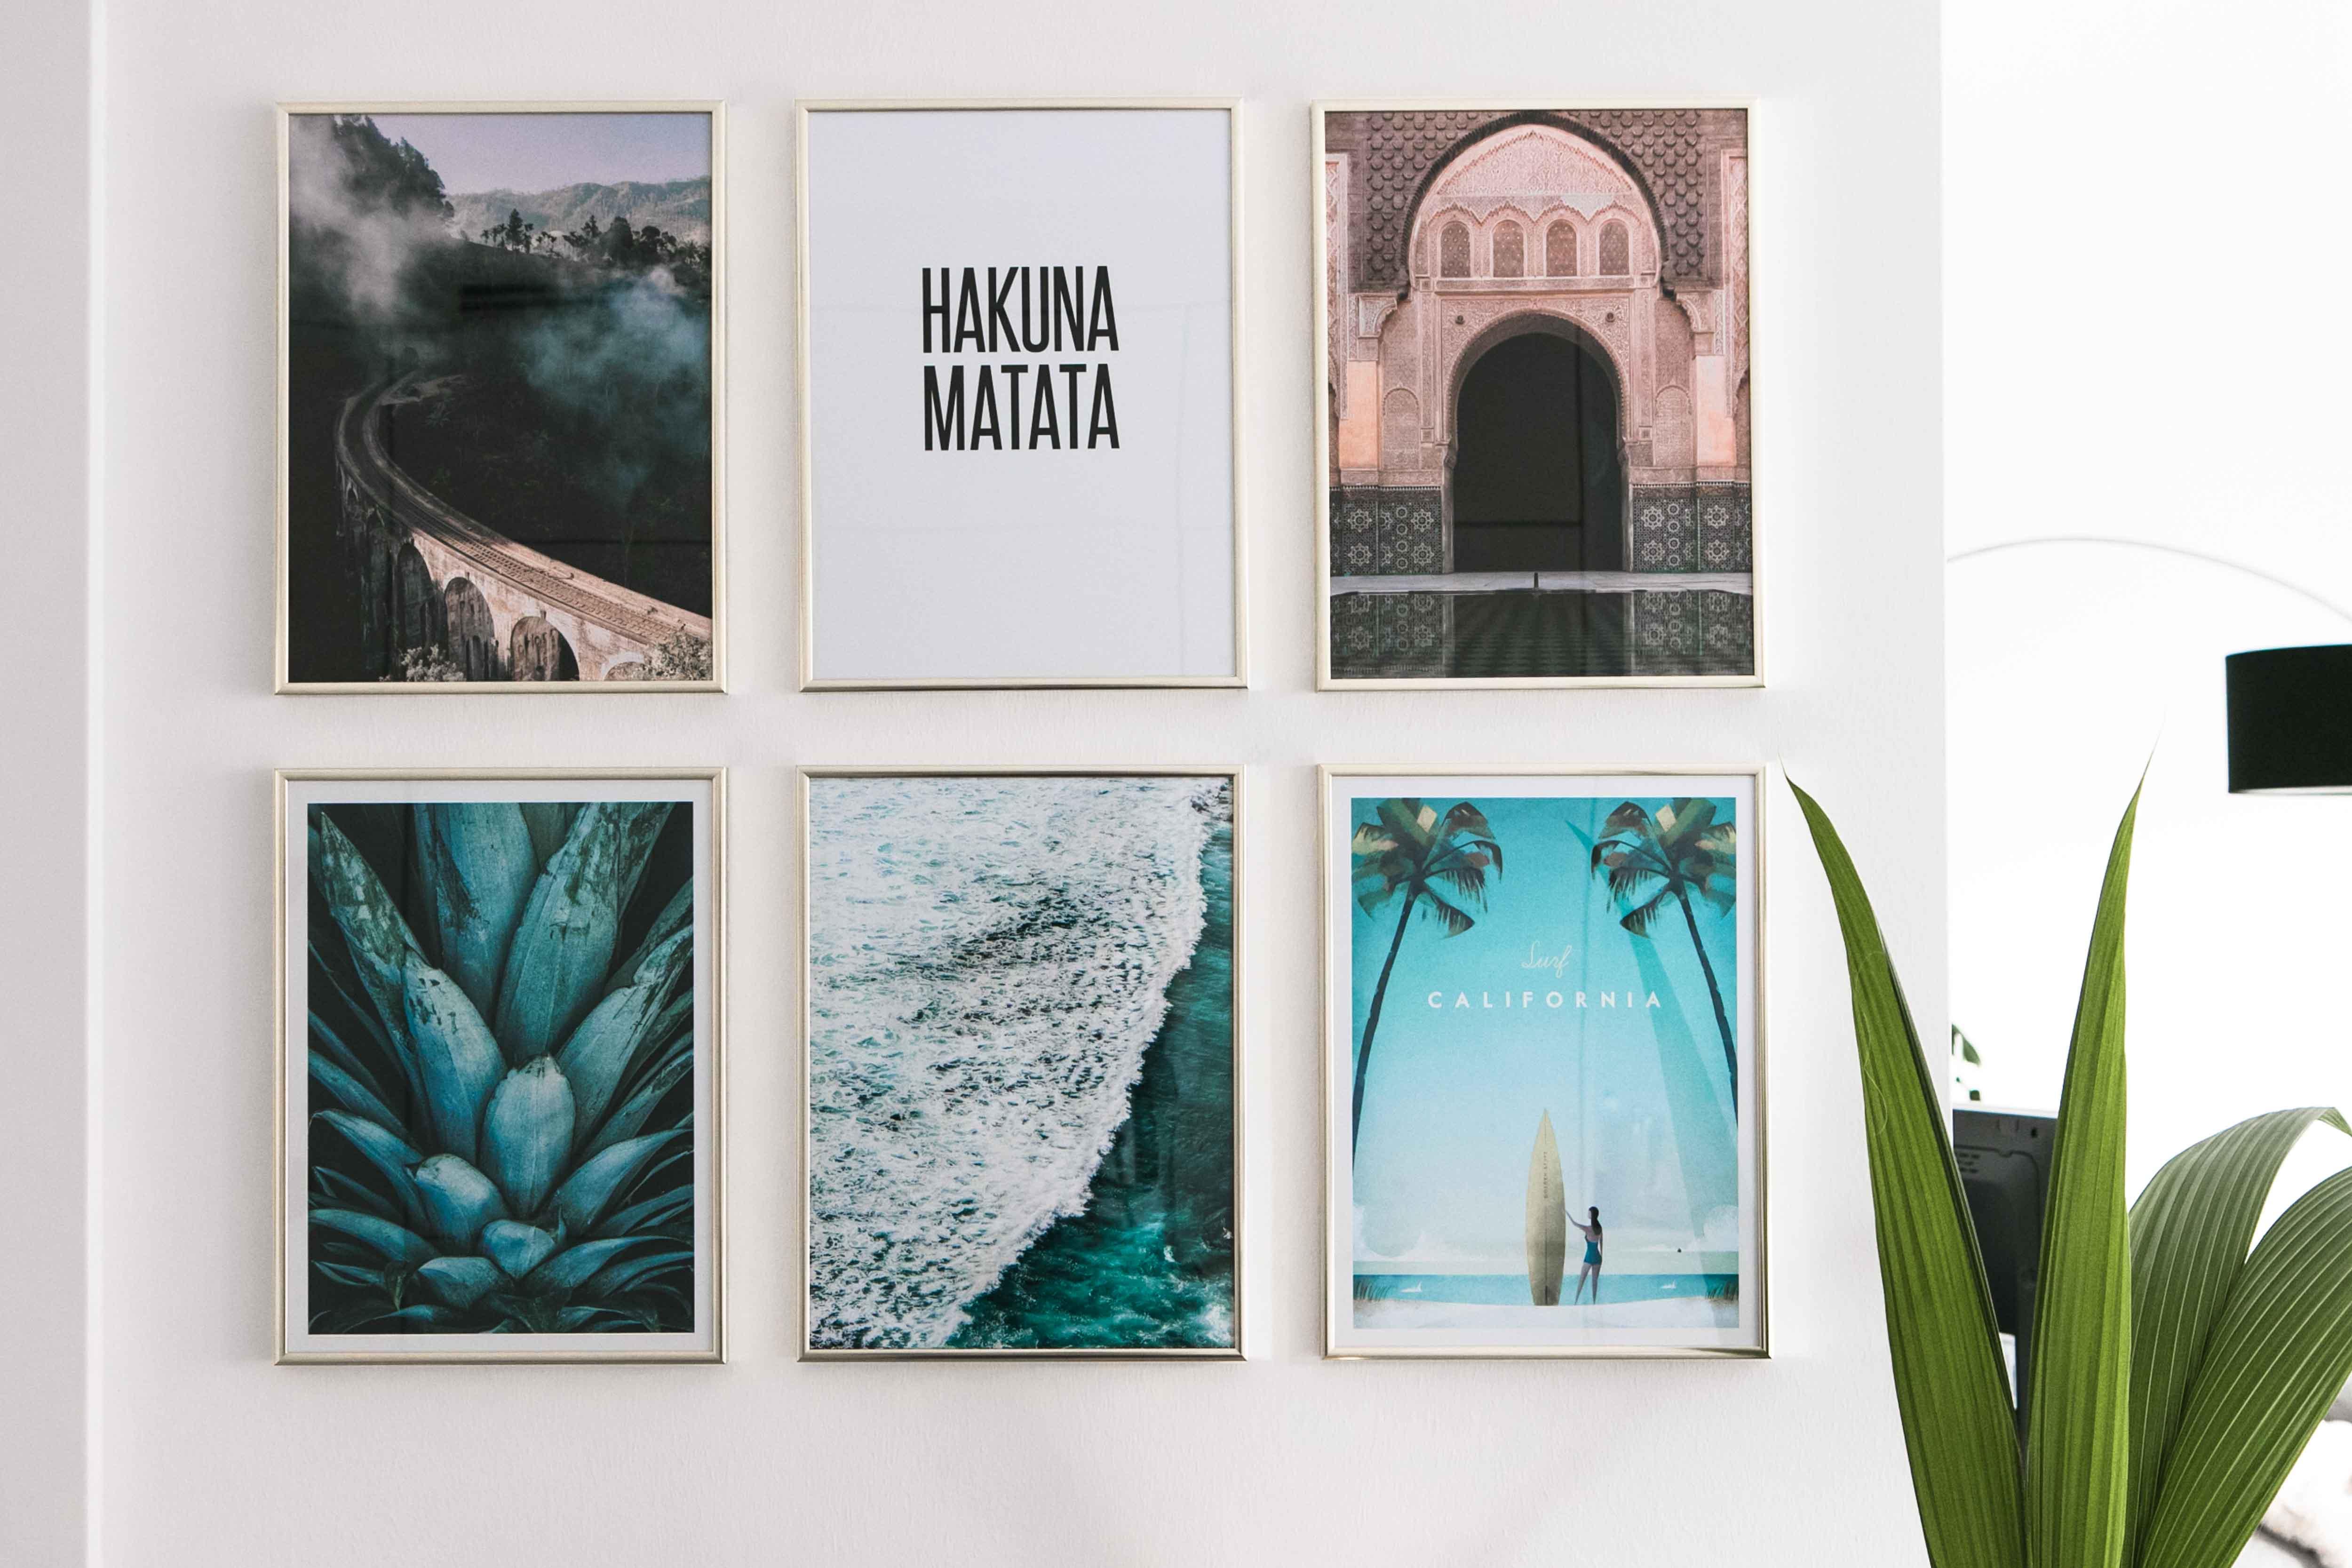 desenio poster und deko ideen 23timezones lifestyle blog. Black Bedroom Furniture Sets. Home Design Ideas